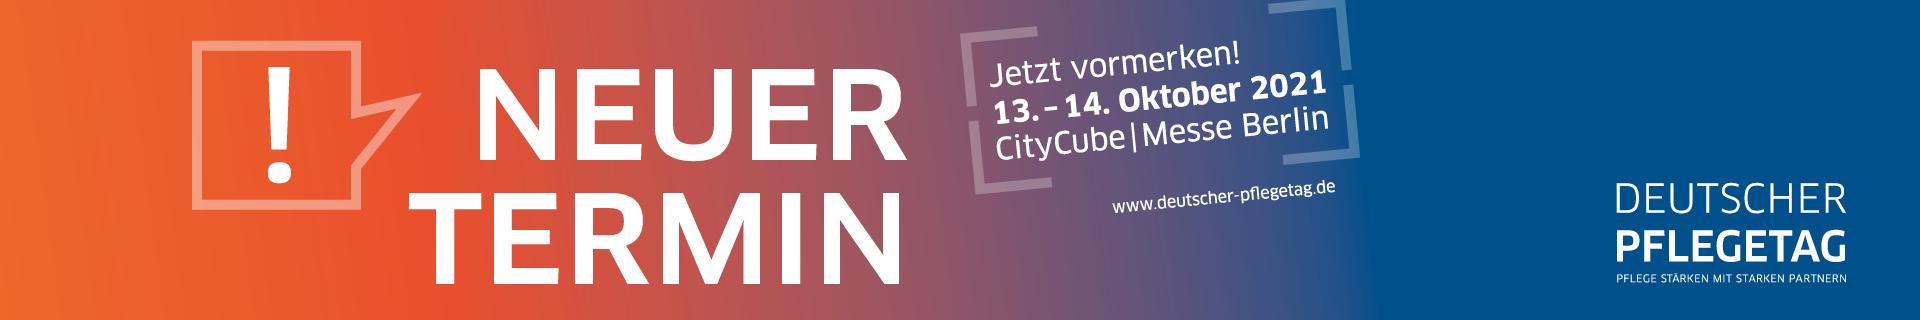 Neuer Termin: Deutscher Pflegetag 2021 am 13. und 14- Oktober!